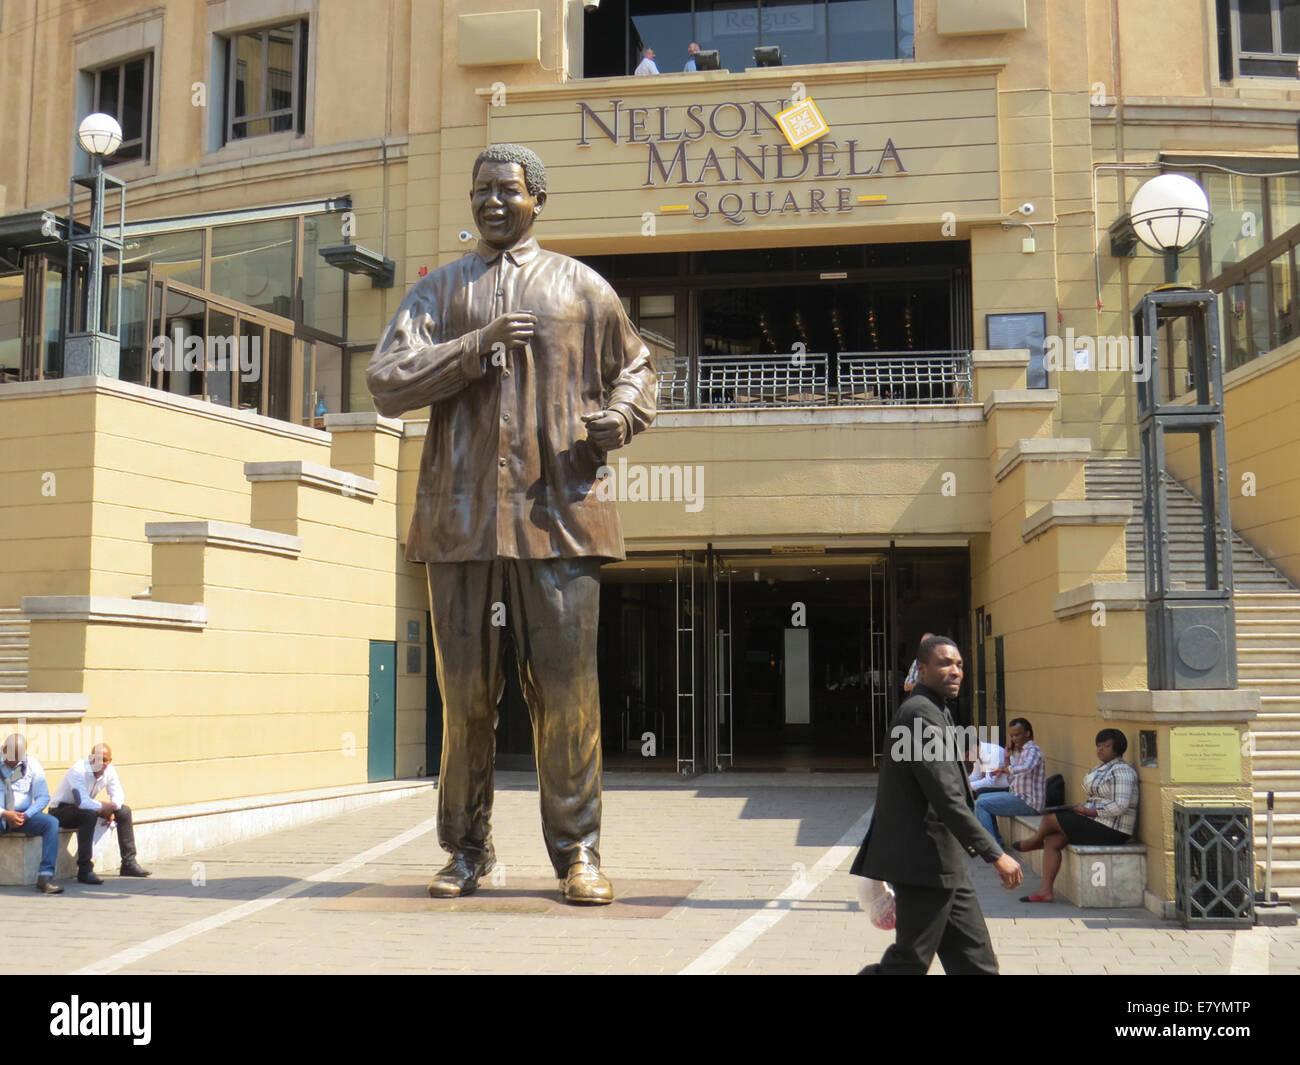 JOHANNESBURG Nelson Mandela Square di Sandton. Foto Tony Gale Immagini Stock